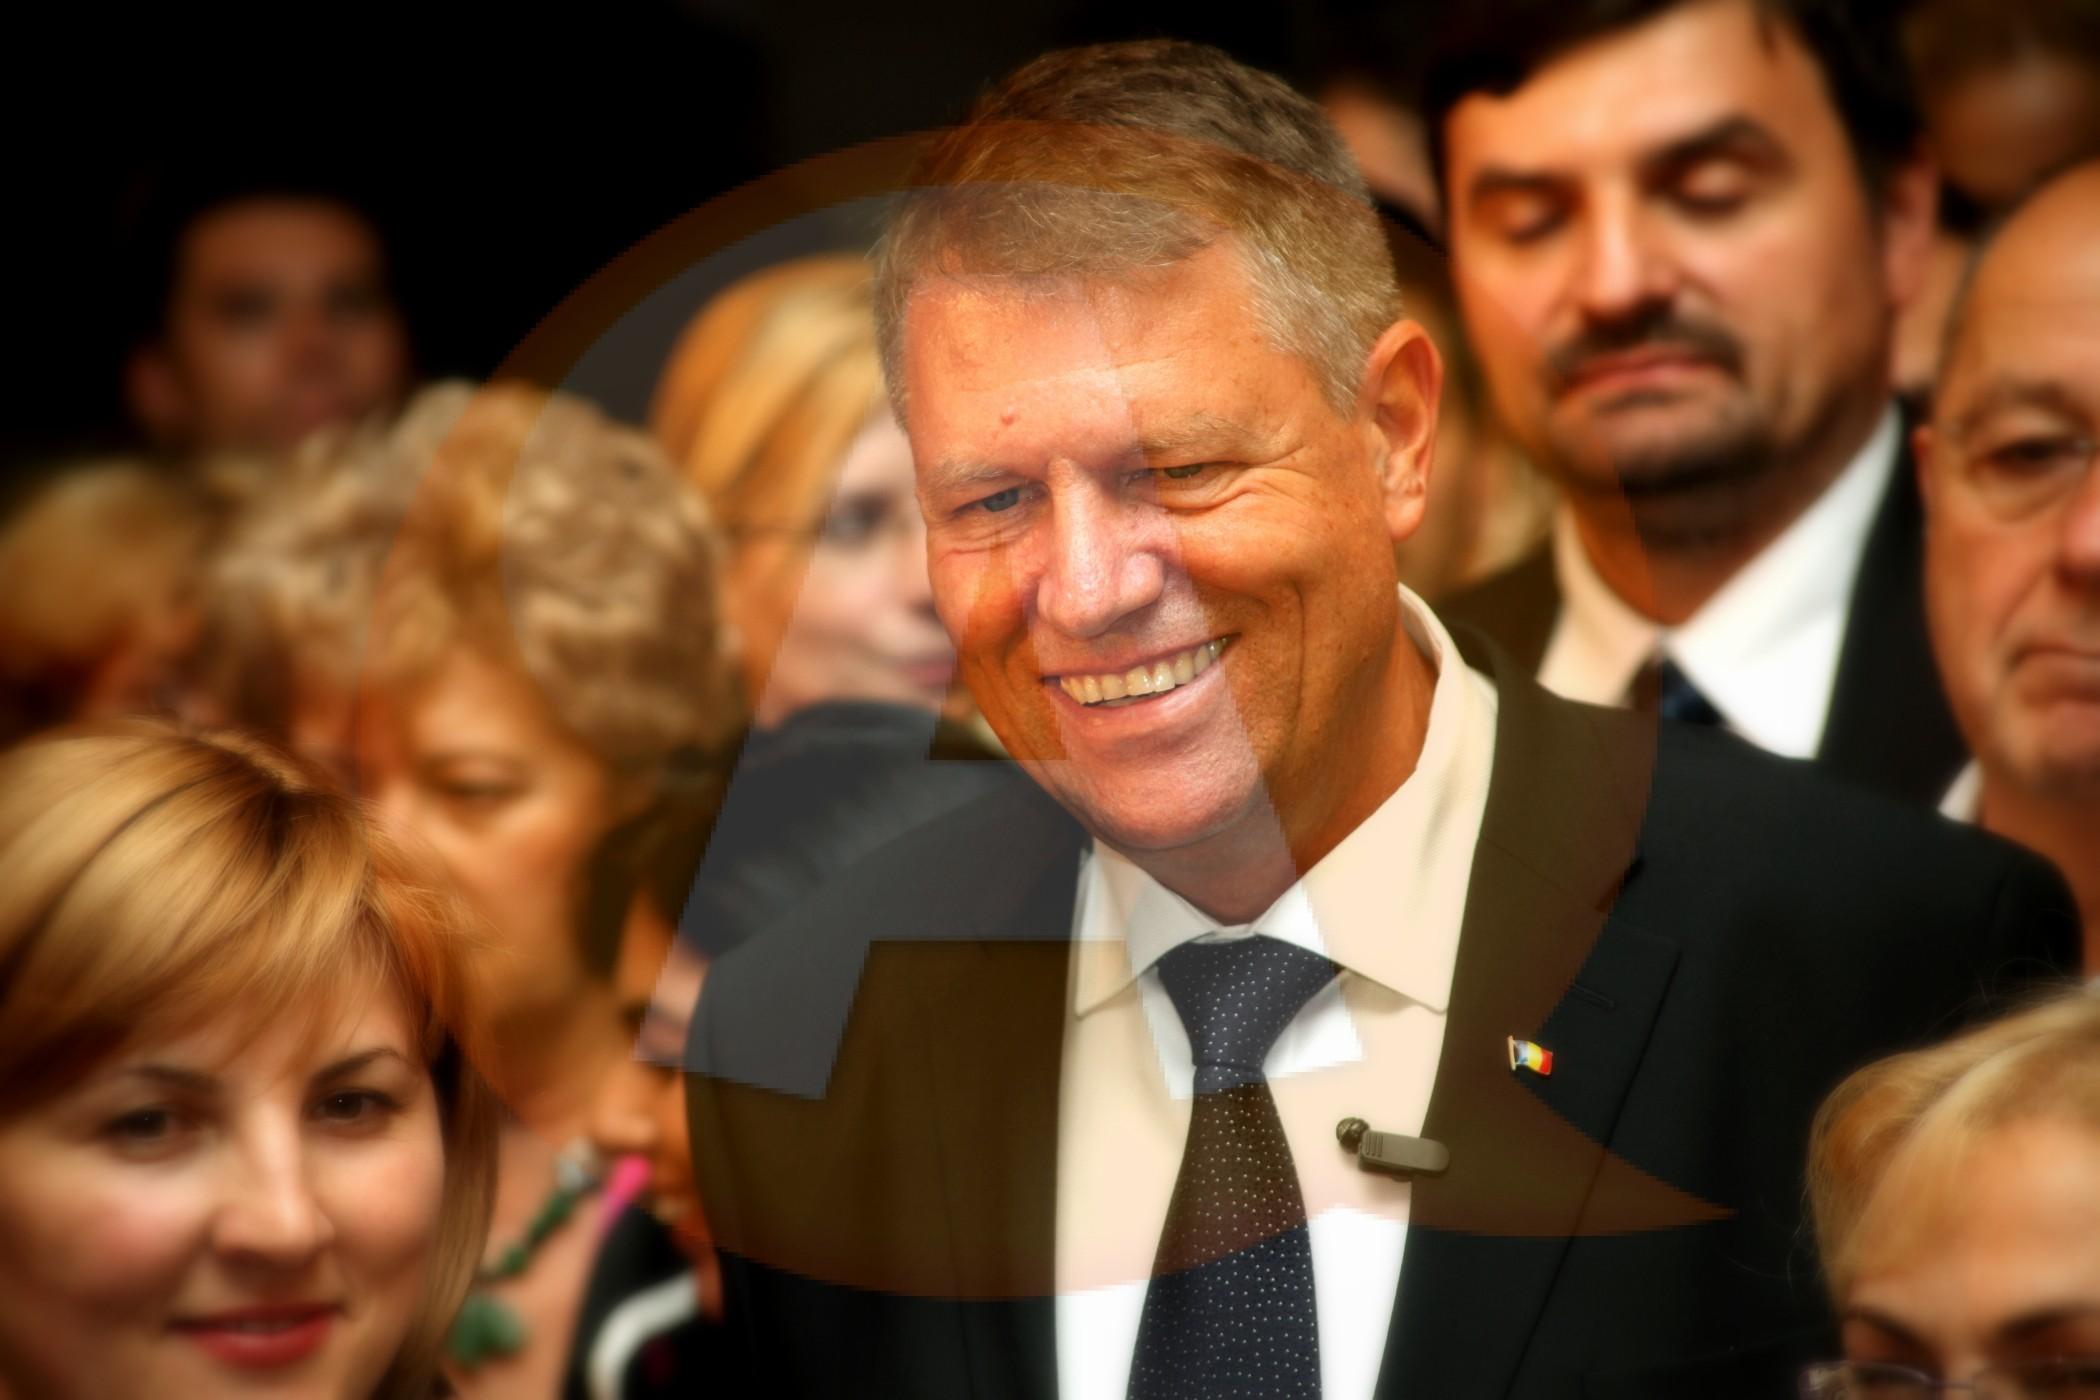 Klaus Iohannis: Educaţia nu mă lasă să-i răspund lui Ponta cu aceeaşi monedă